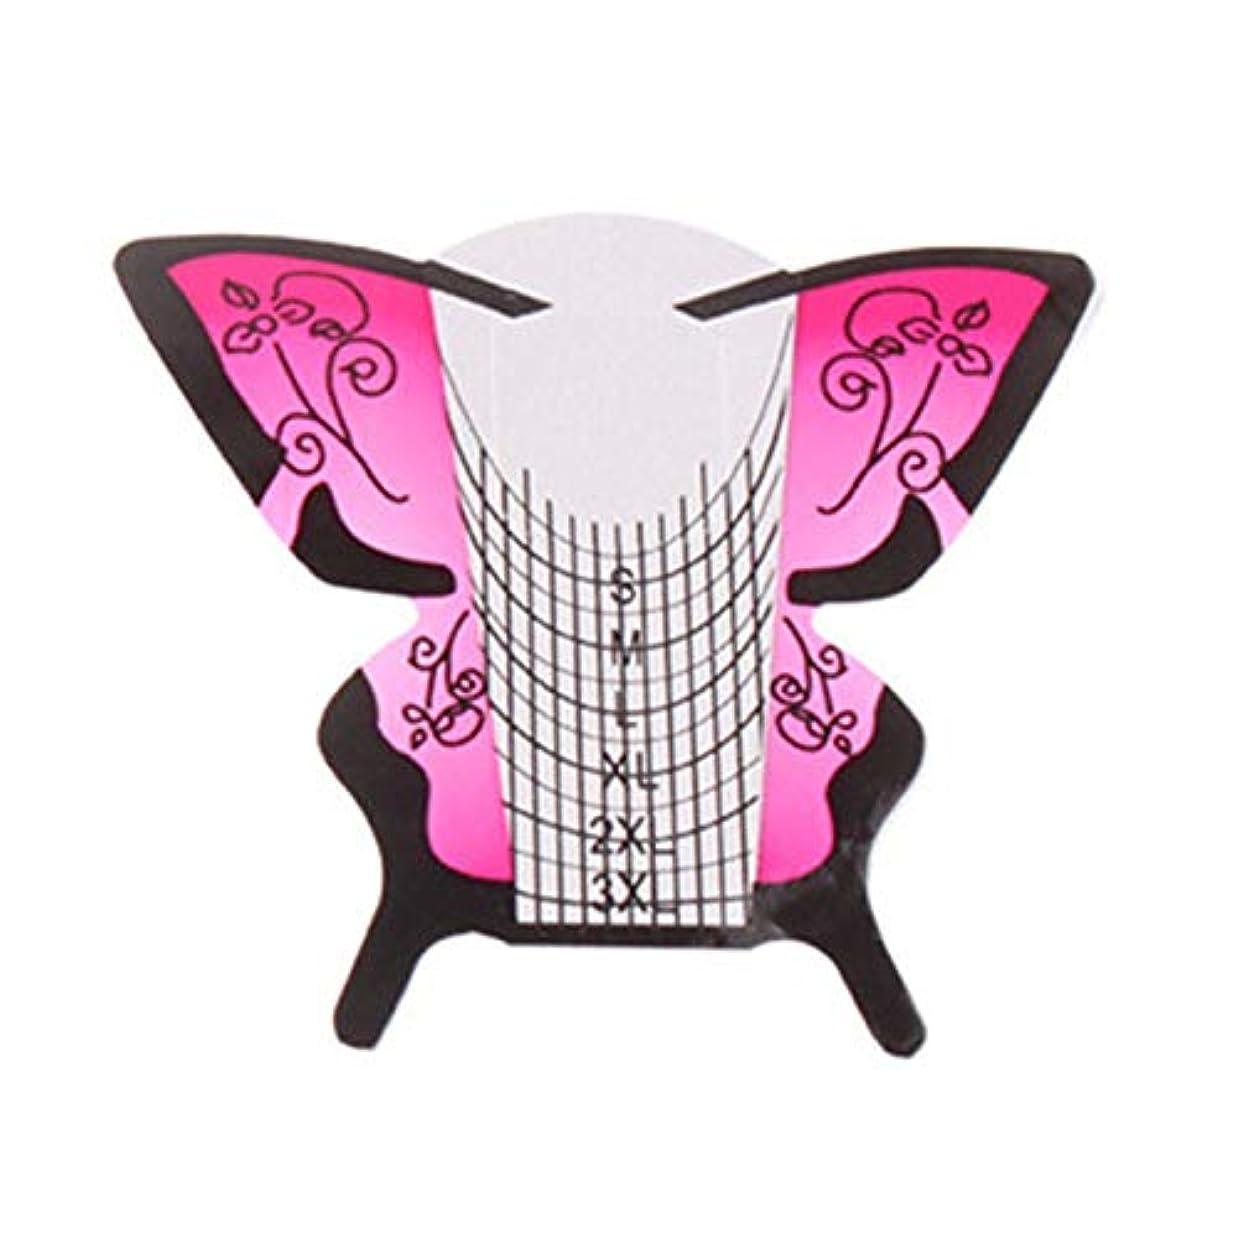 支給ブレイズ確率RETYLY 300個/ロール ネイルアートフォーム蝶彫刻のヒントステッカーガイド拡張アクリルUVジェルツール 給紙トレイB